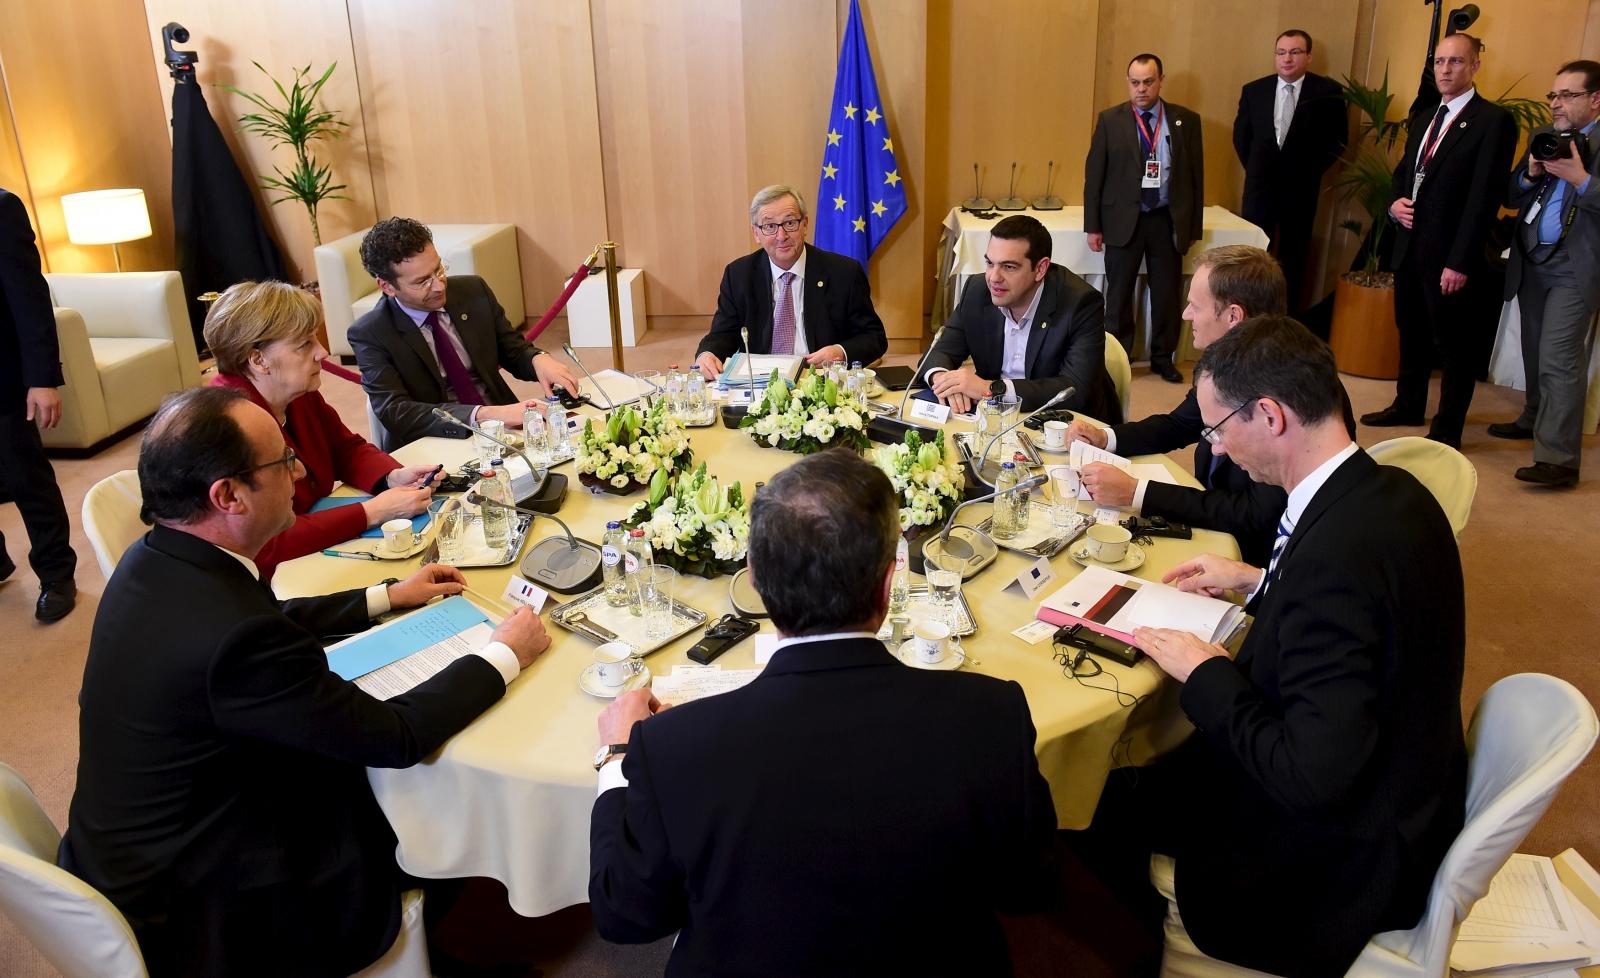 European leaders